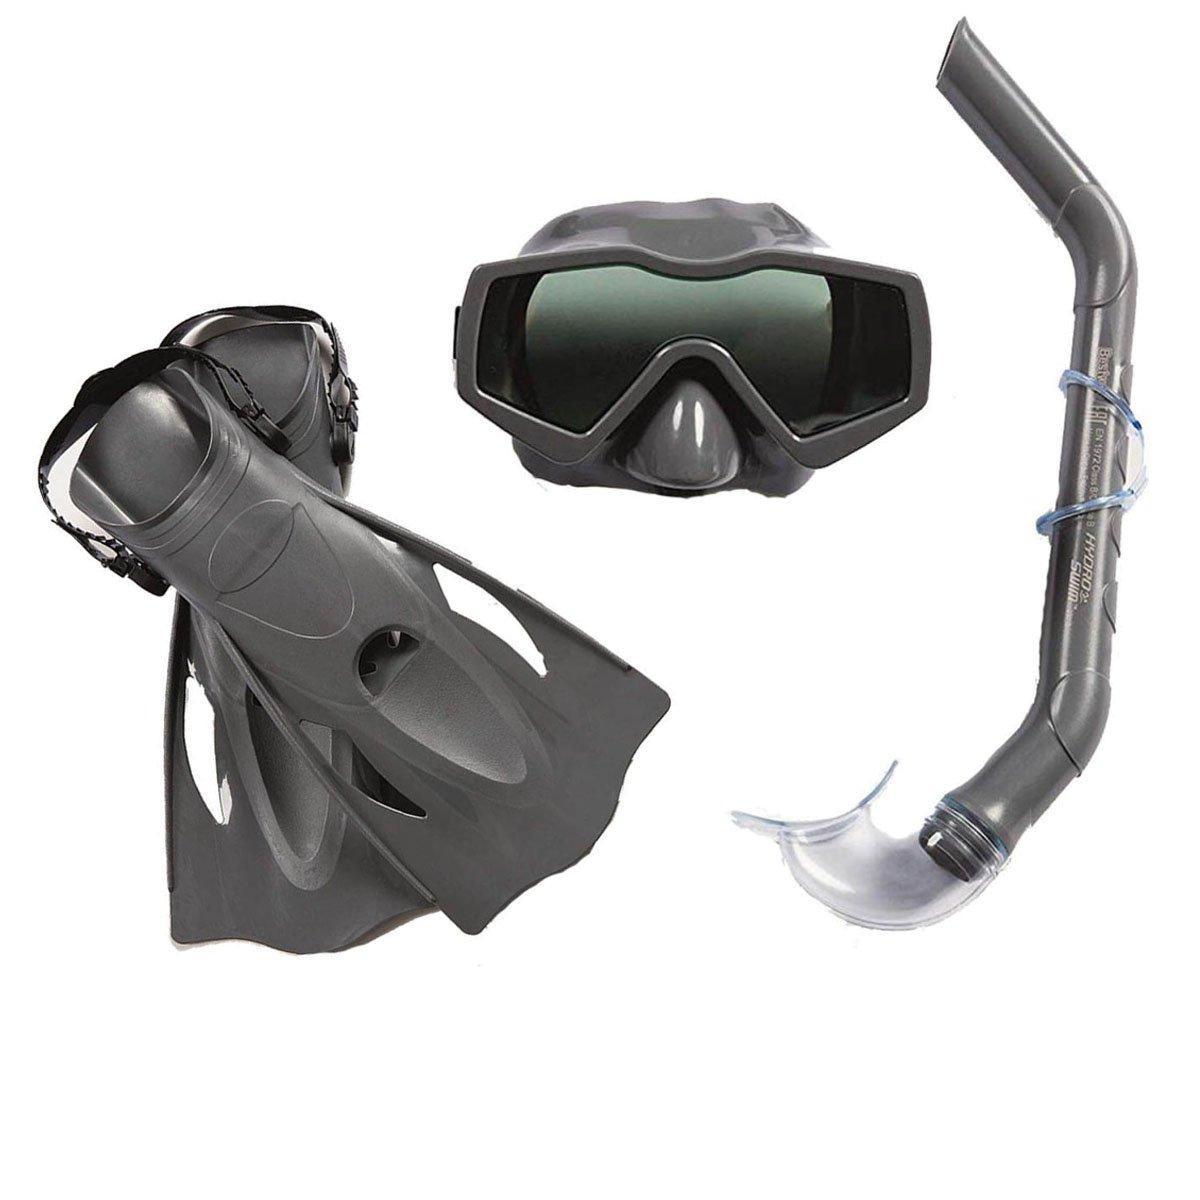 Набор 3 в 1 для ныряния Bestway 25031 (маска: размер XL, (10+), обхват головы ≈ 56 см, трубка, ласты: размер XXL, 42 (EU), под стопу ≈ 26.5 см), серый